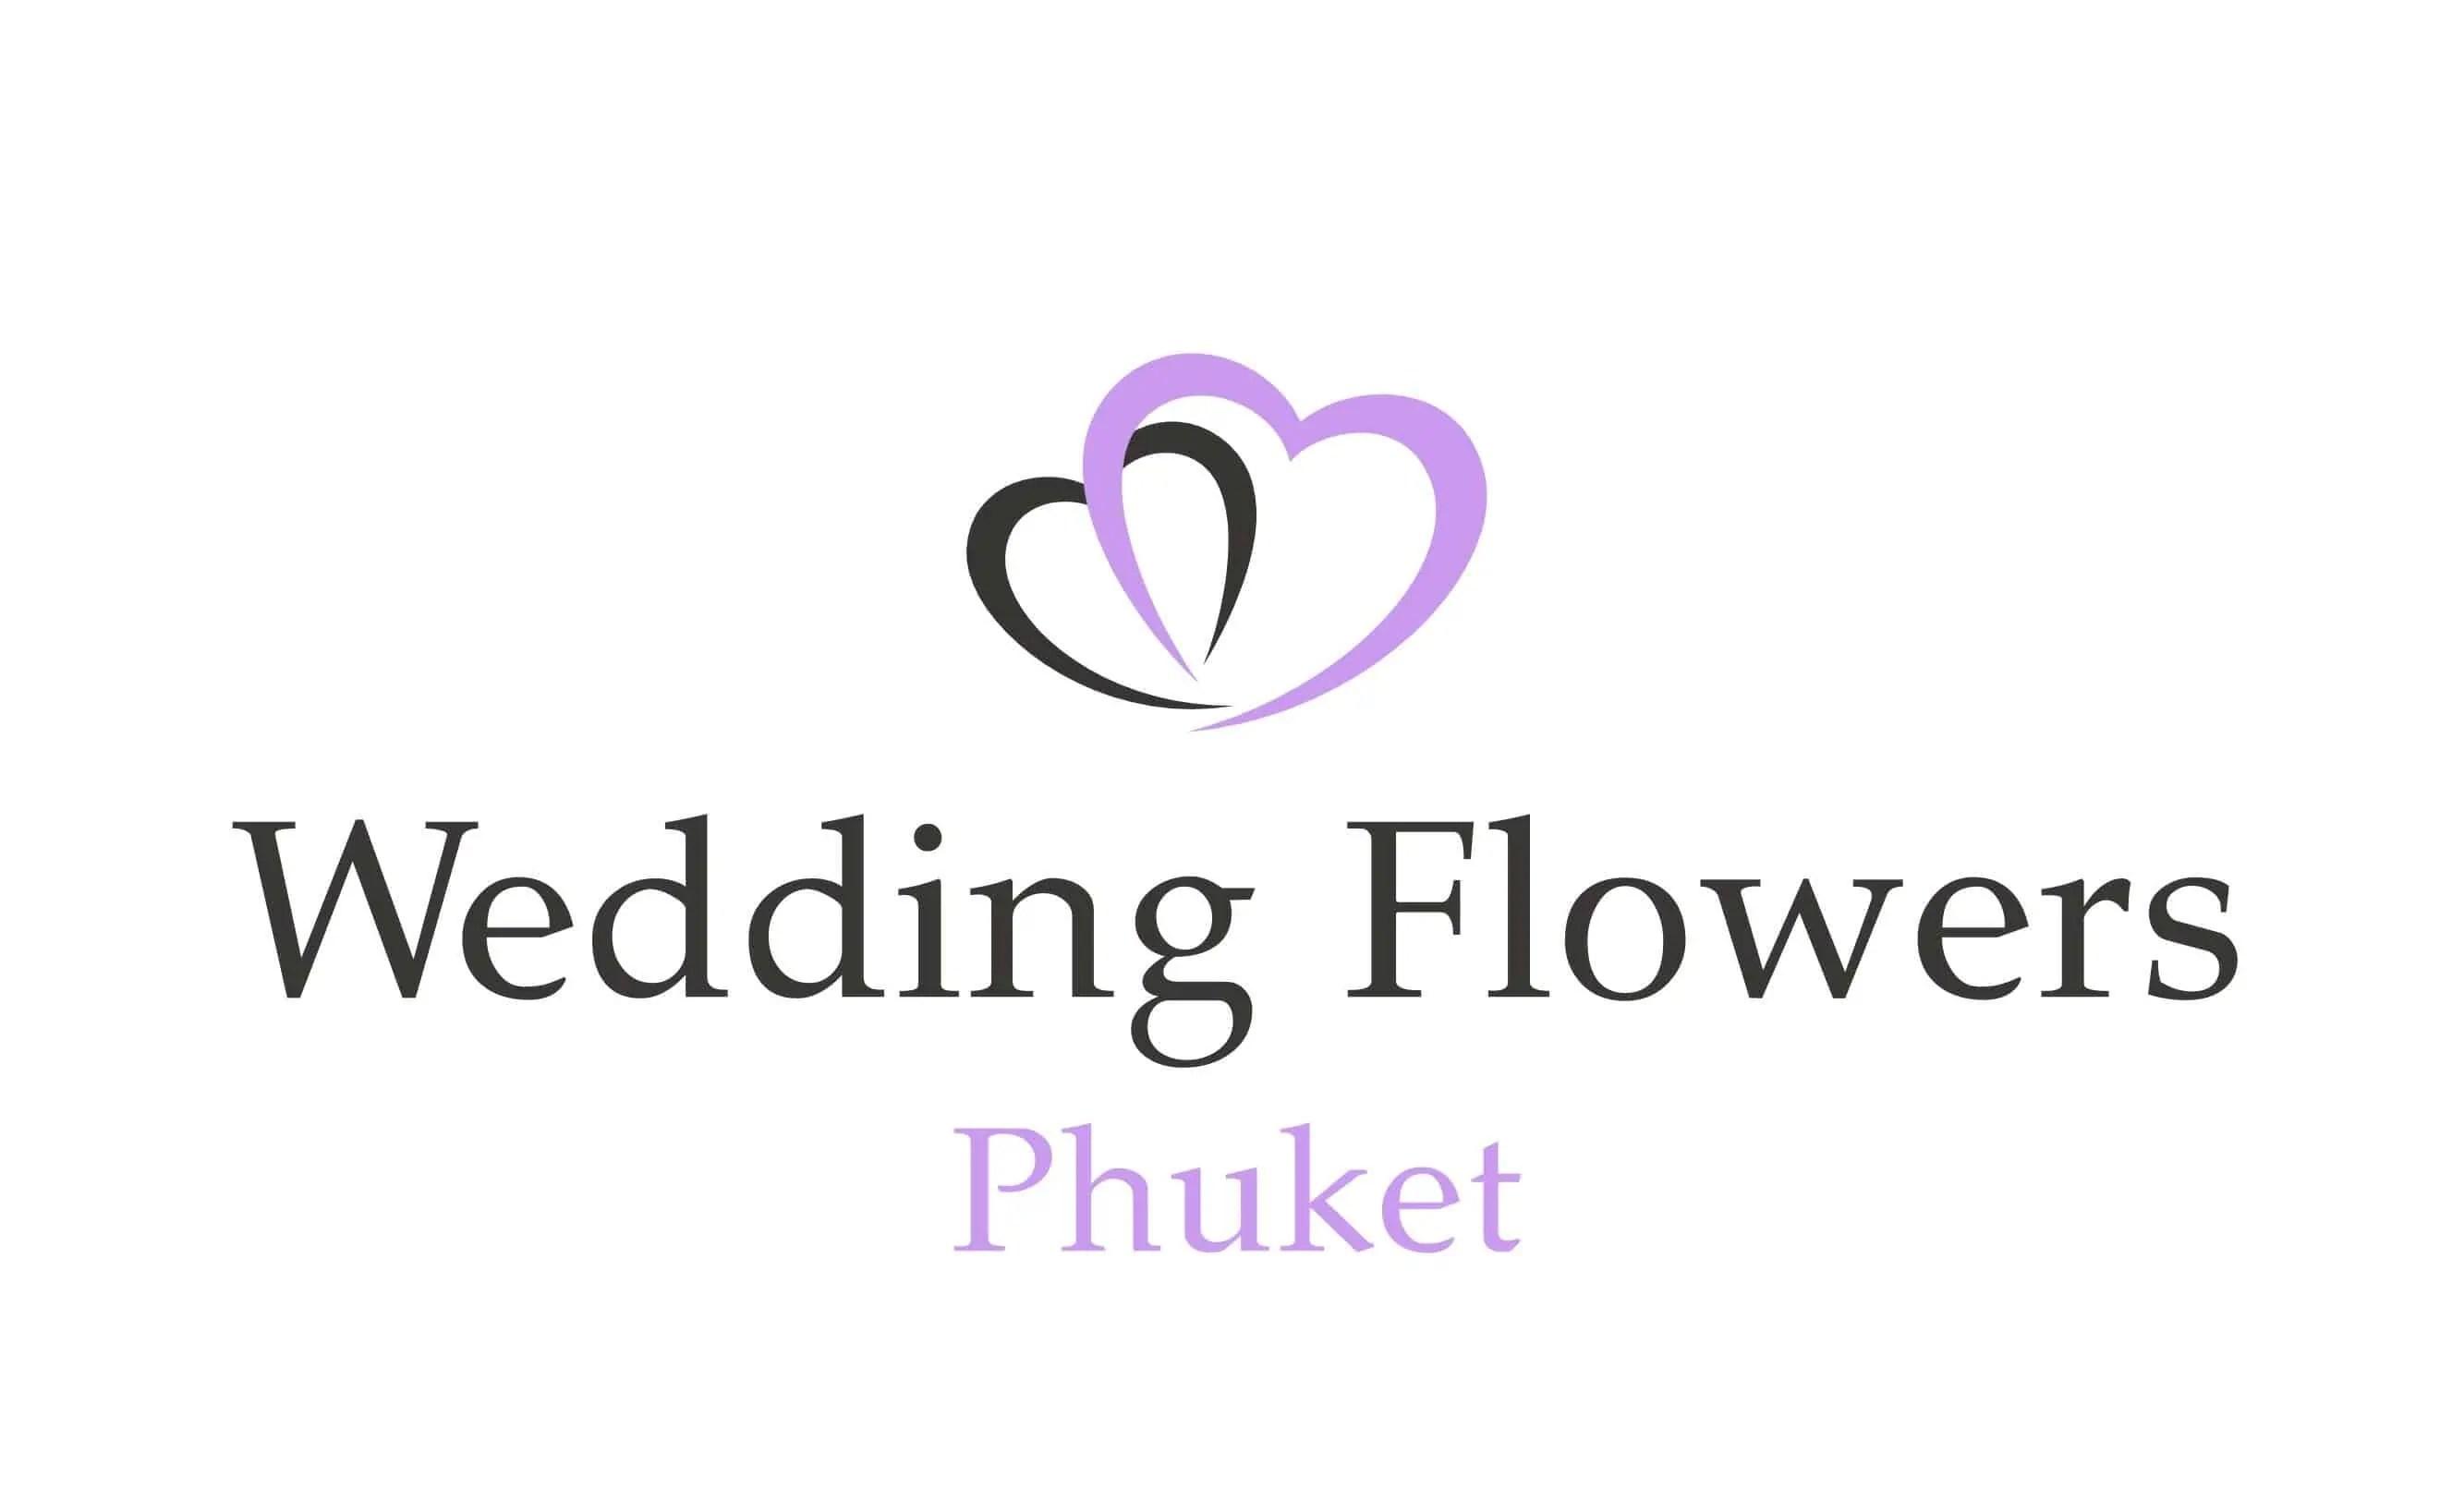 Wedding Flowers Phuket